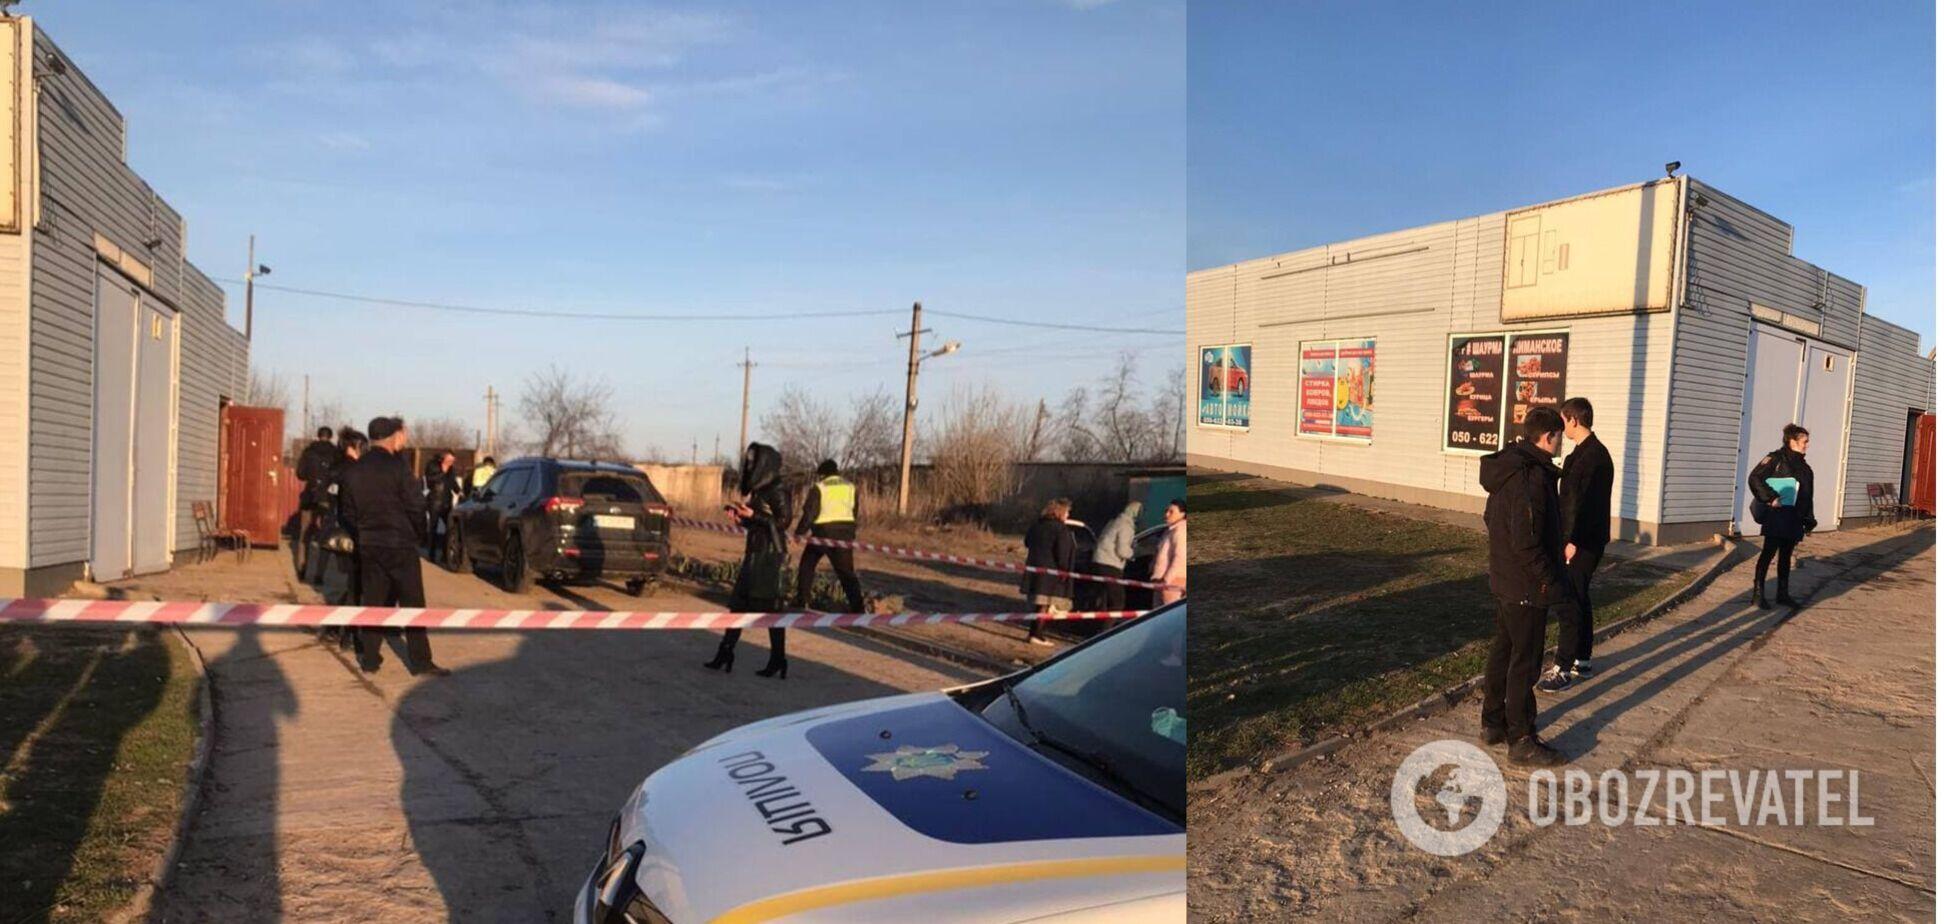 На Одещині під час конфлікту застрелили бізнесмена. Фото 18+